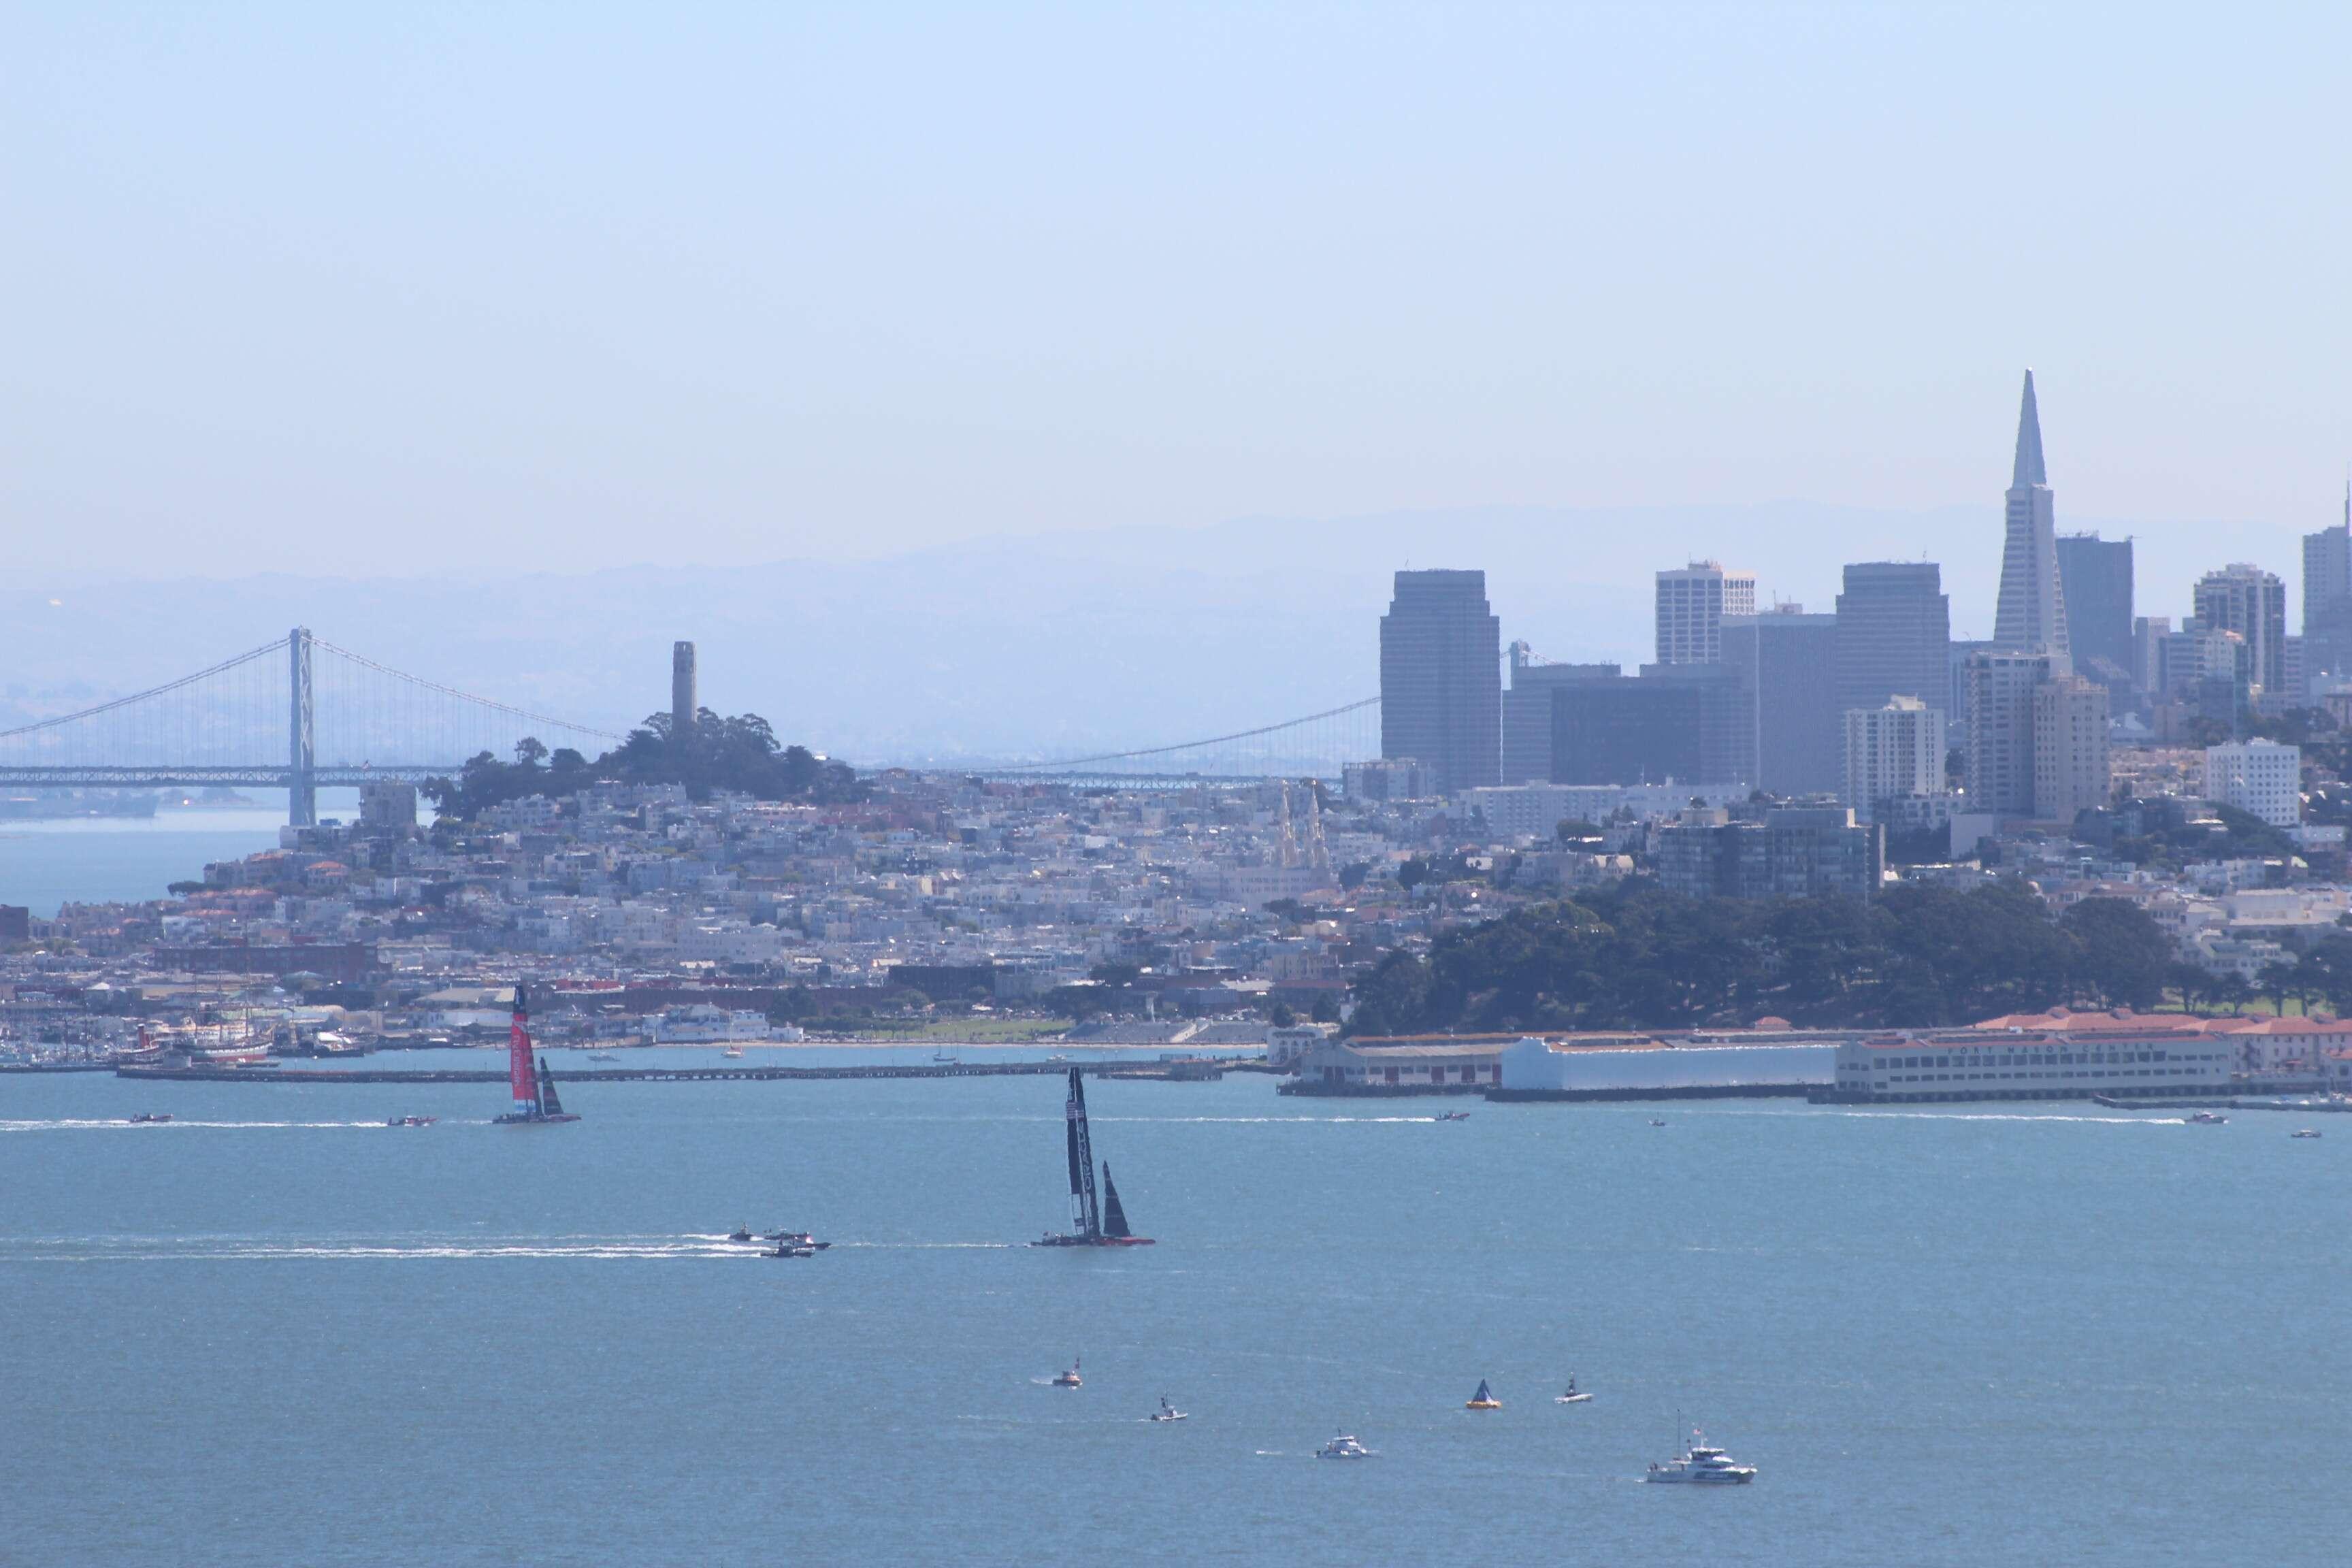 São Francisco vista de Marin Headlands